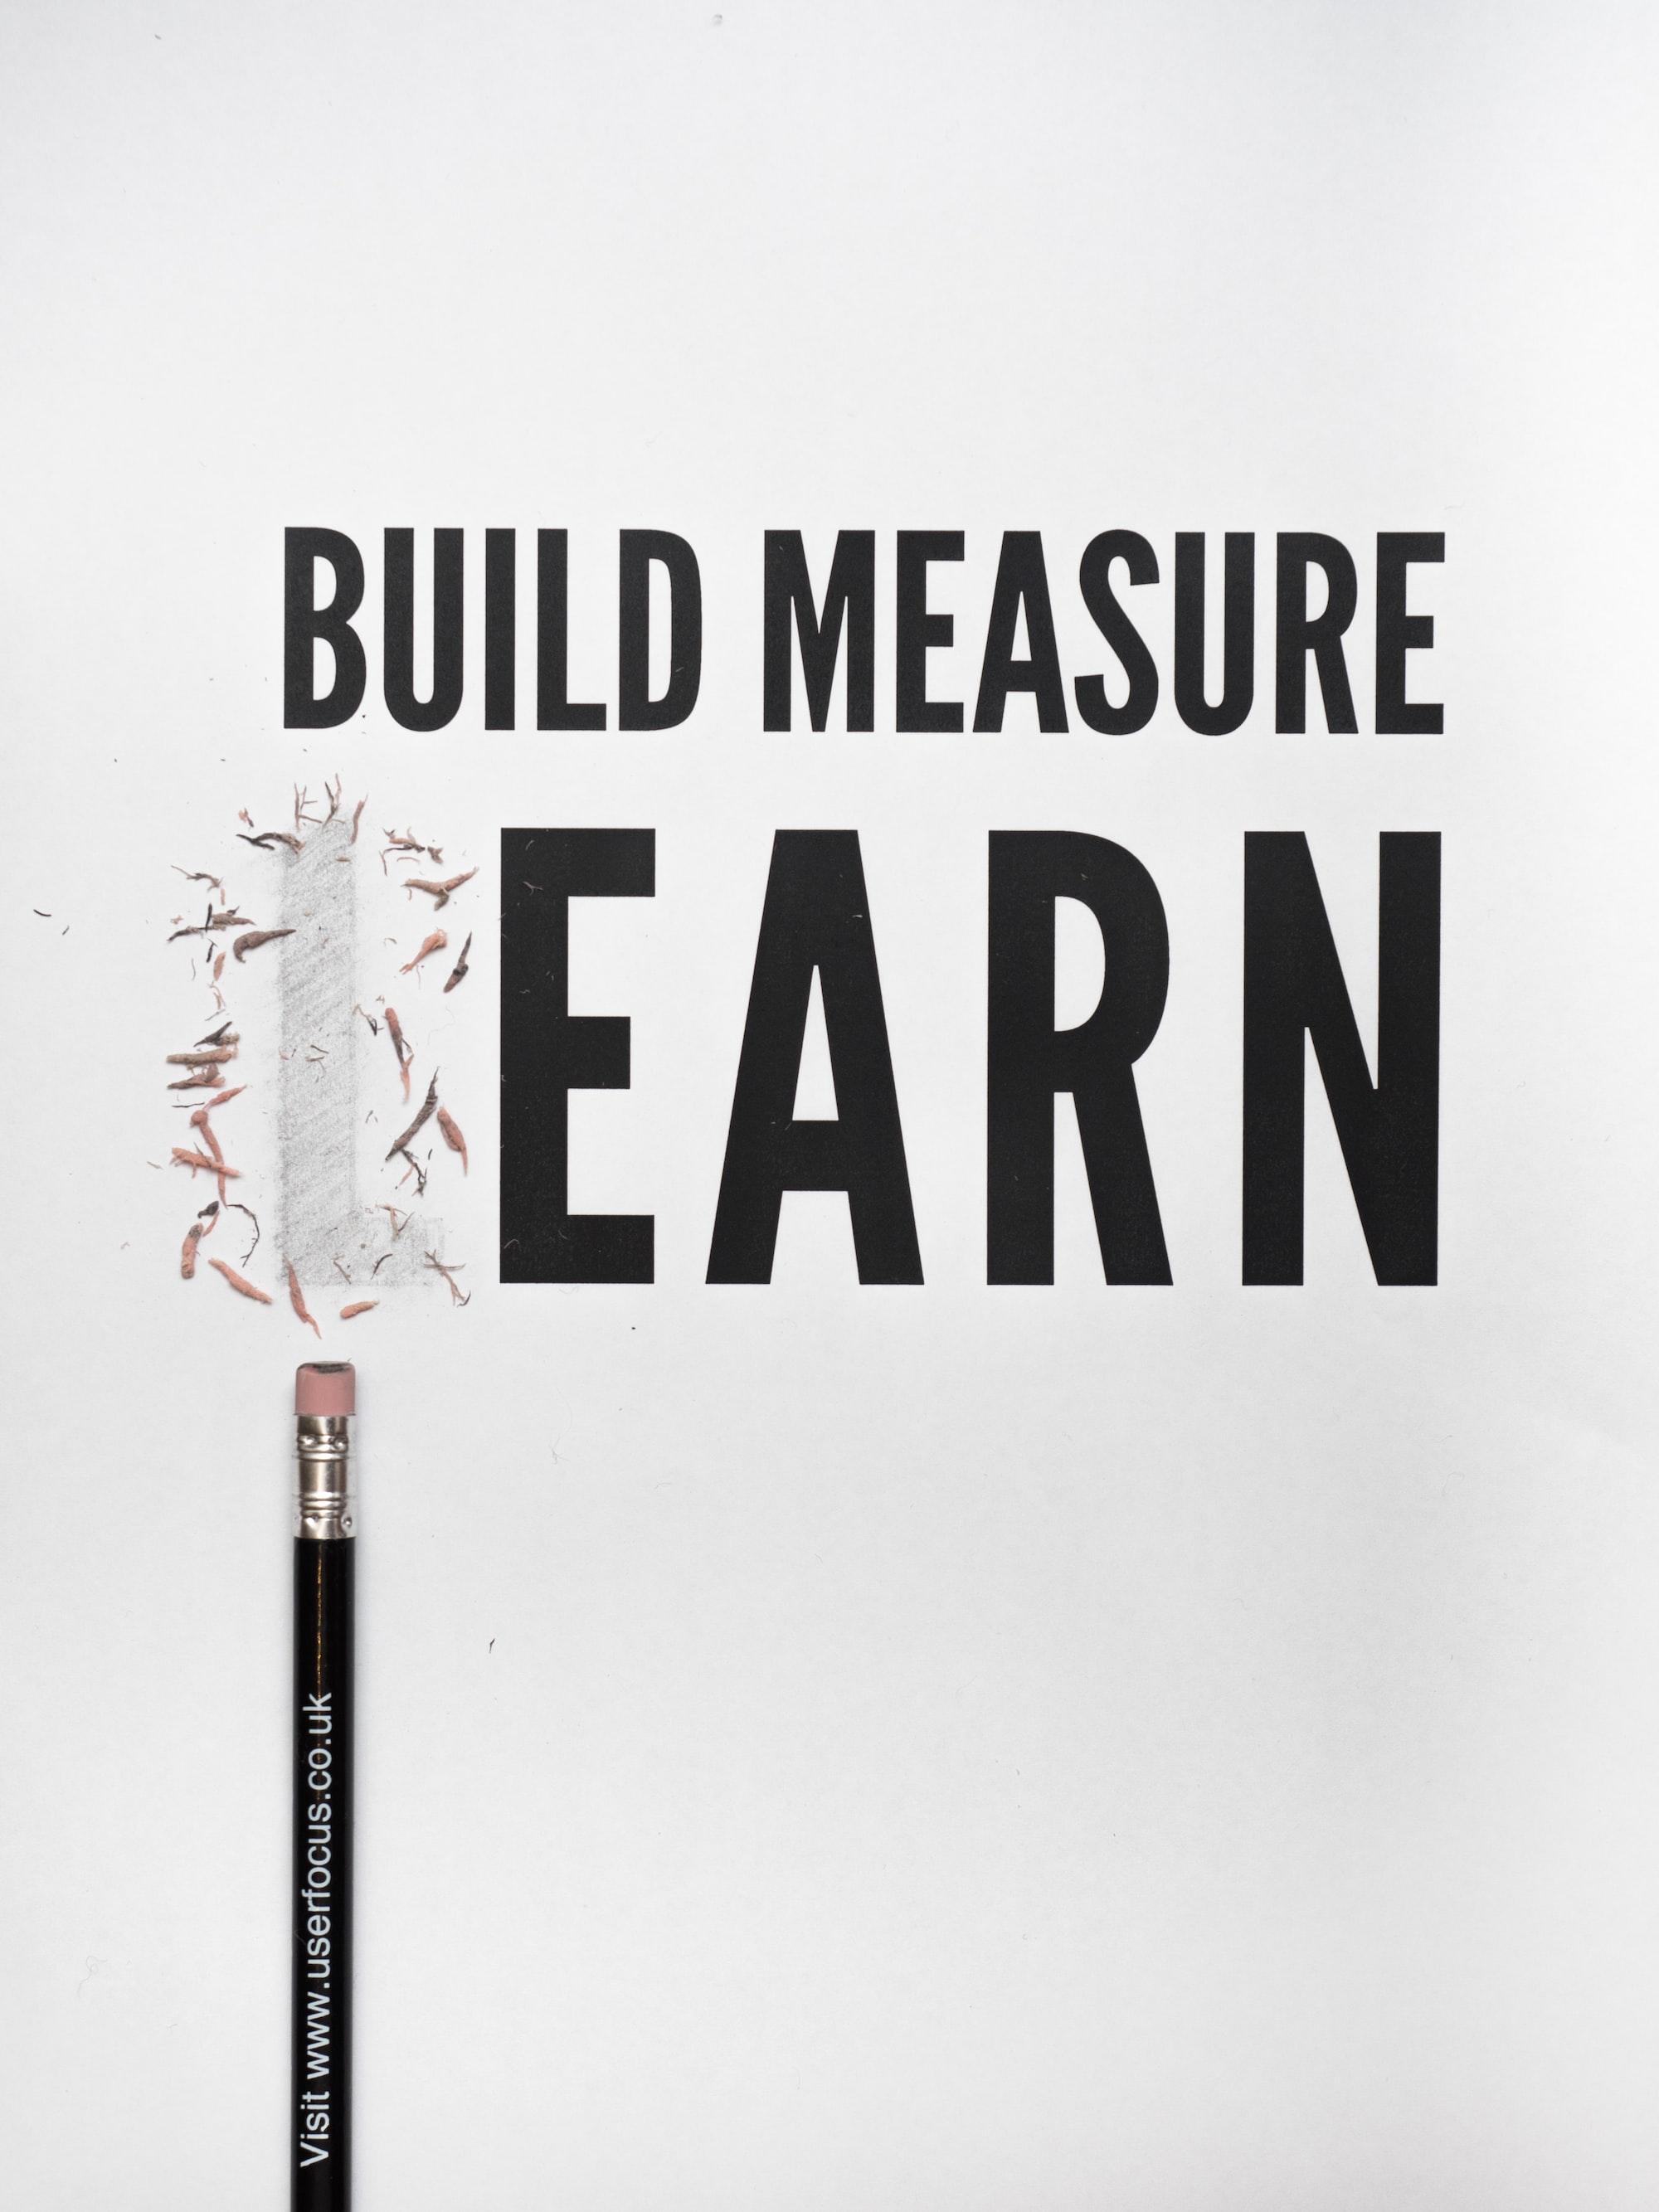 Build, Measure, Earn